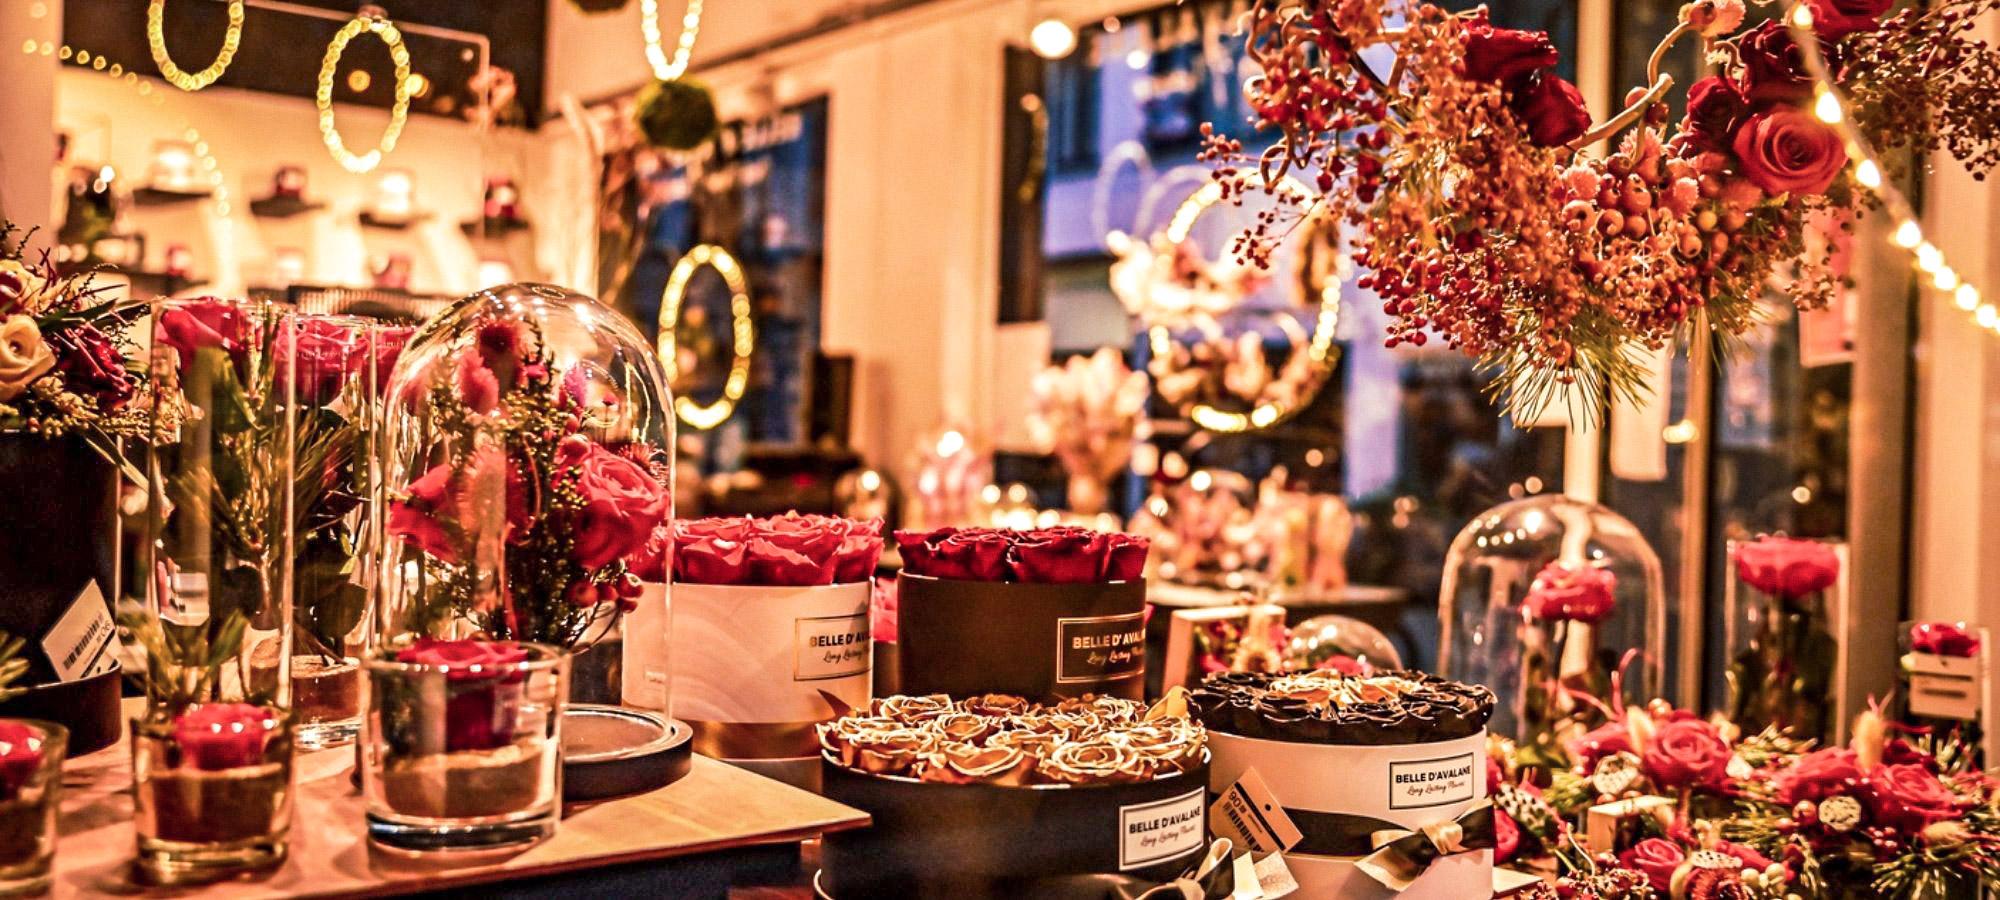 Christmas lights and decor inside a rose flower shop, Antwerp, Belgium